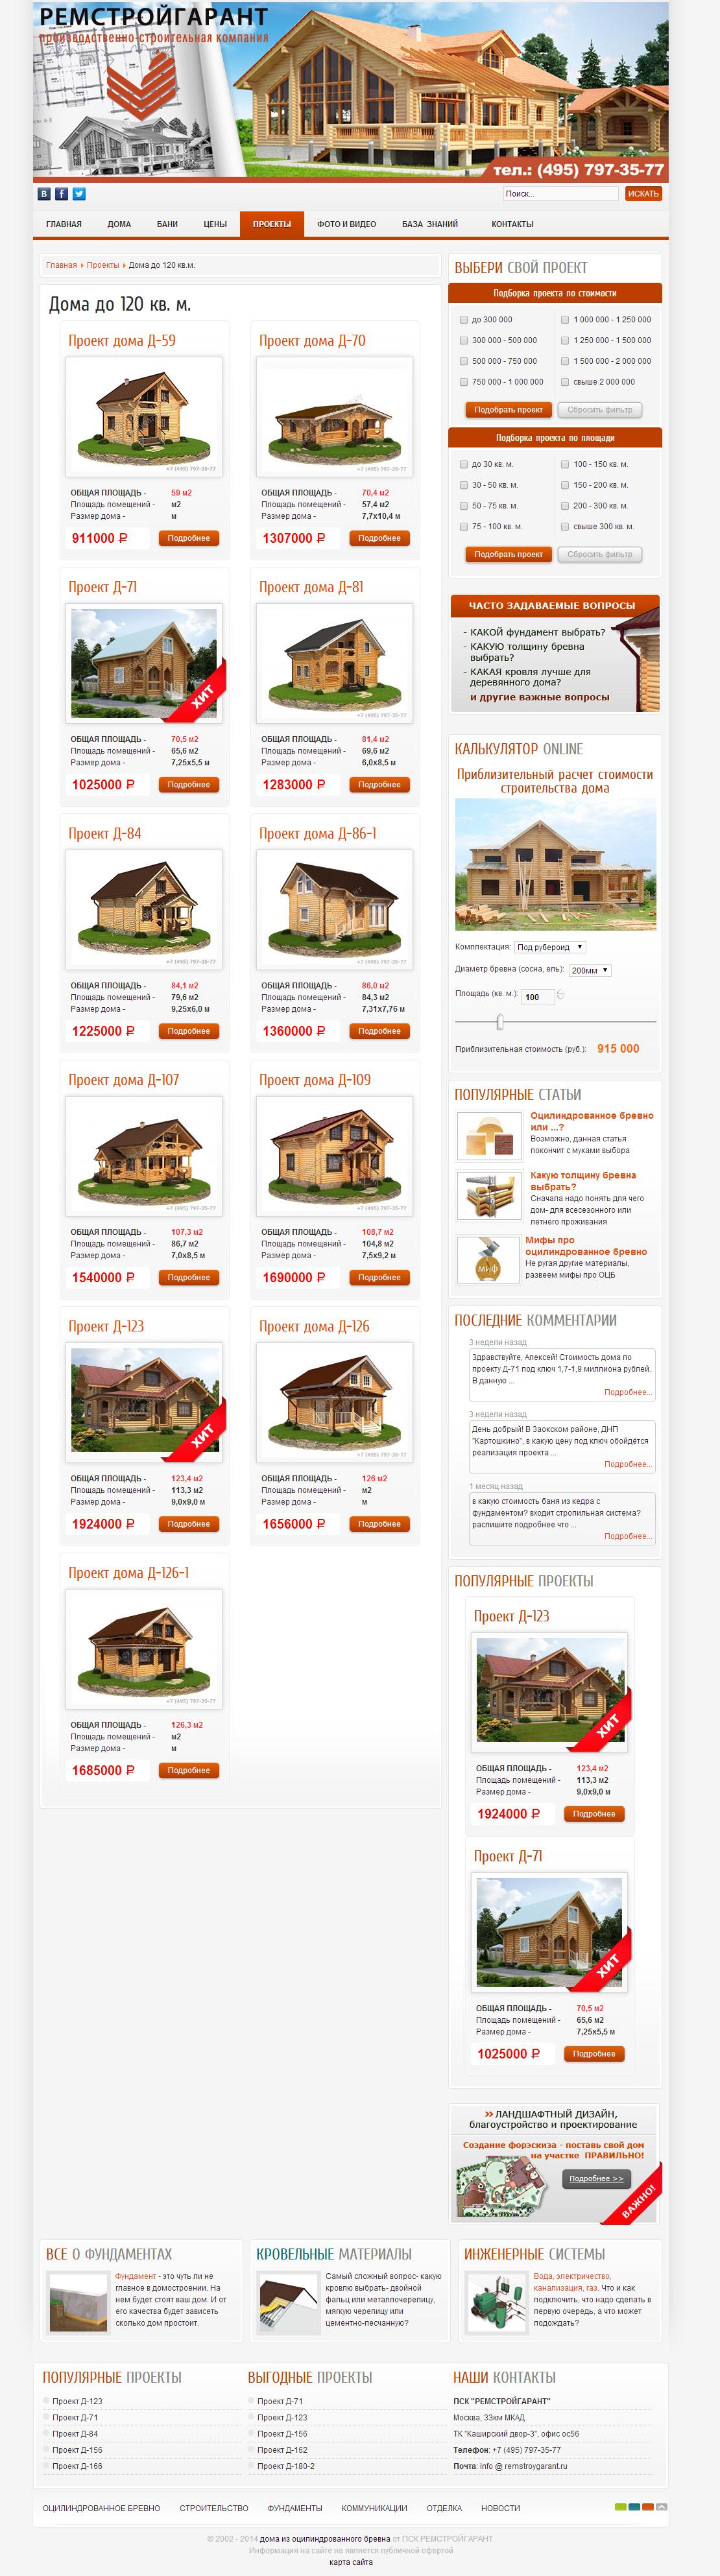 Ремстройгарант - производственно строительная компания